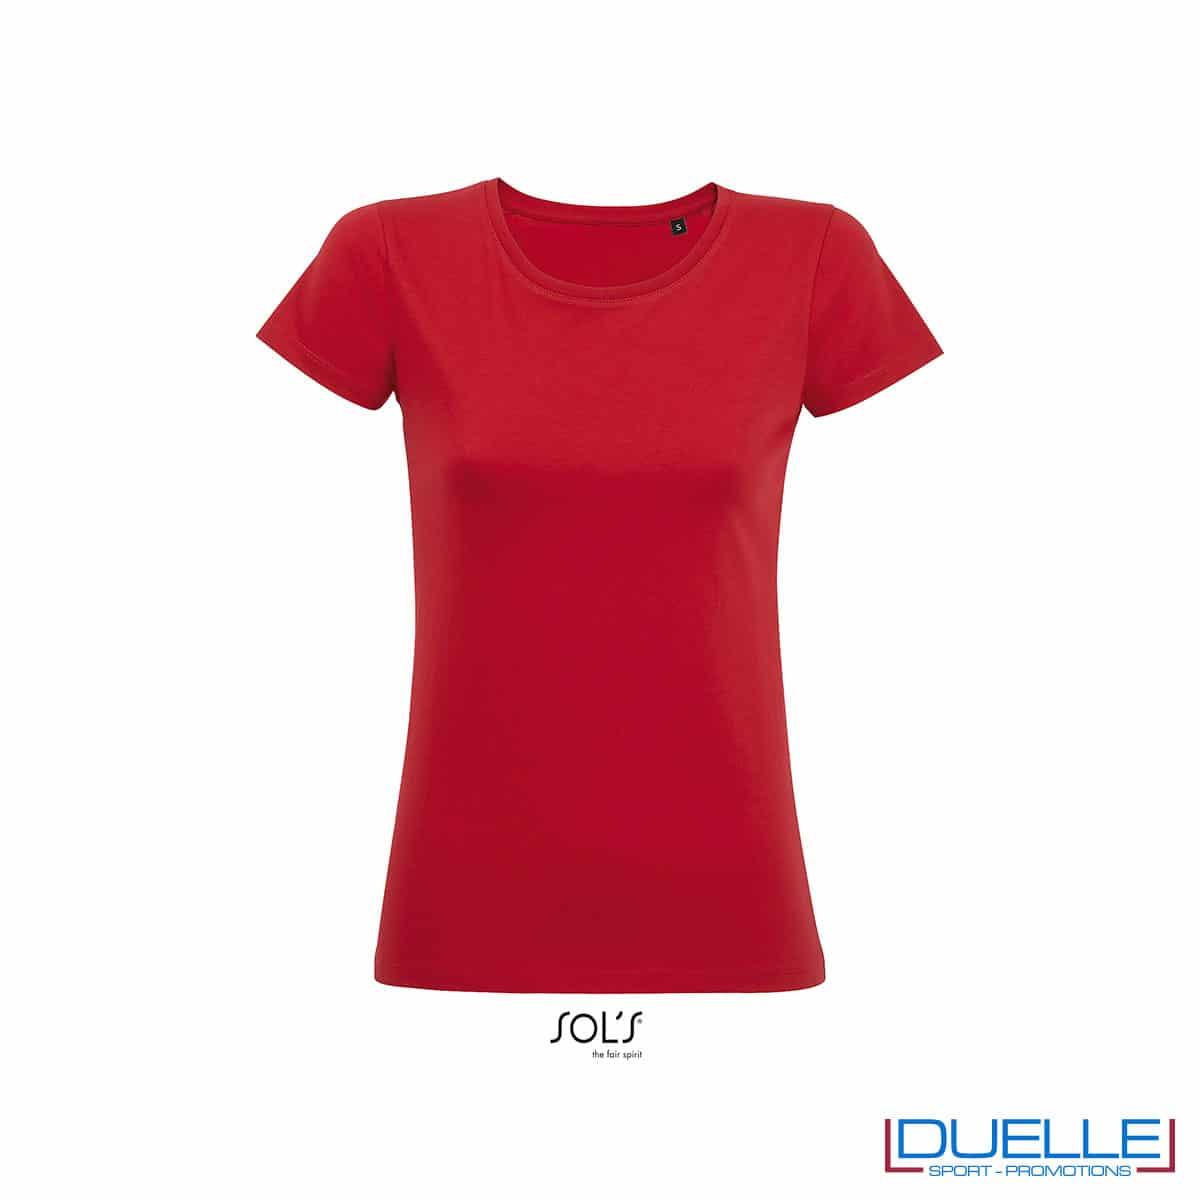 maglietta rossa femminile jersey cotone